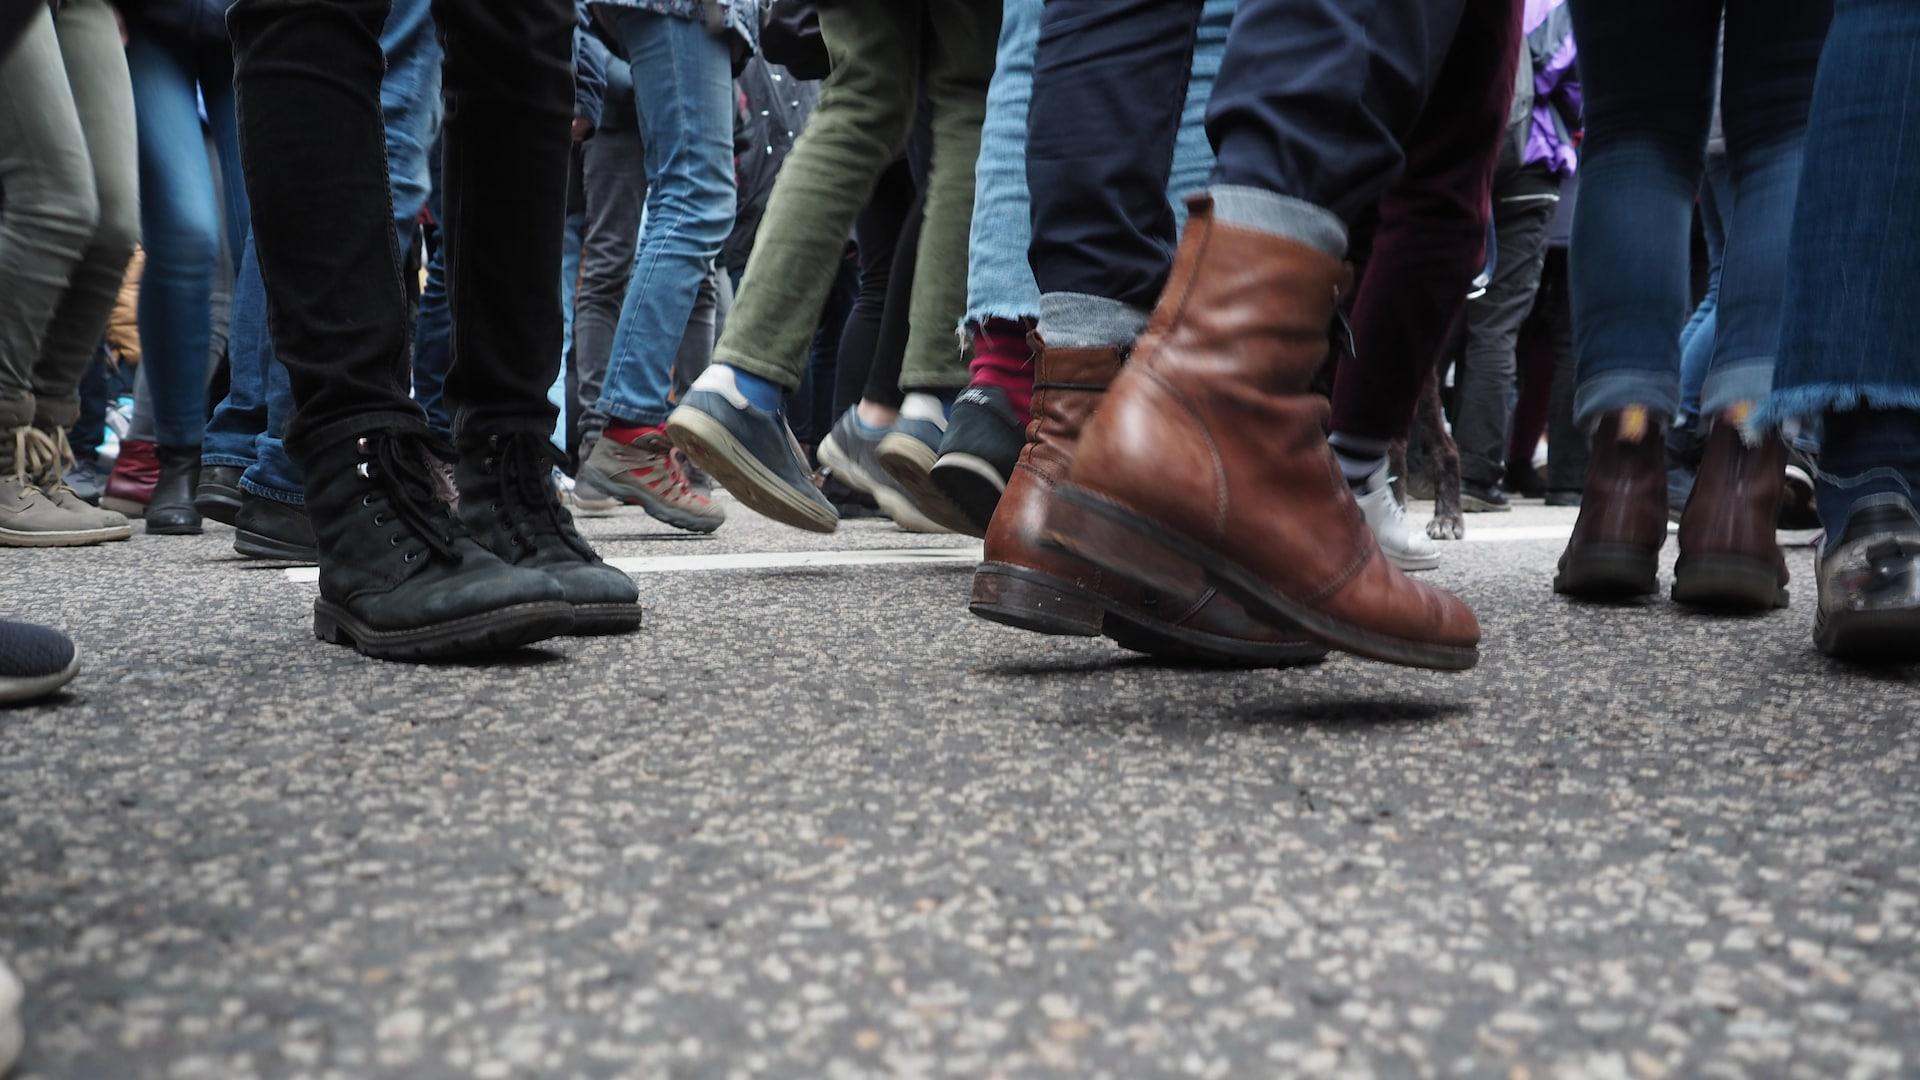 Des pieds chaussés qui sautent sur le pavé